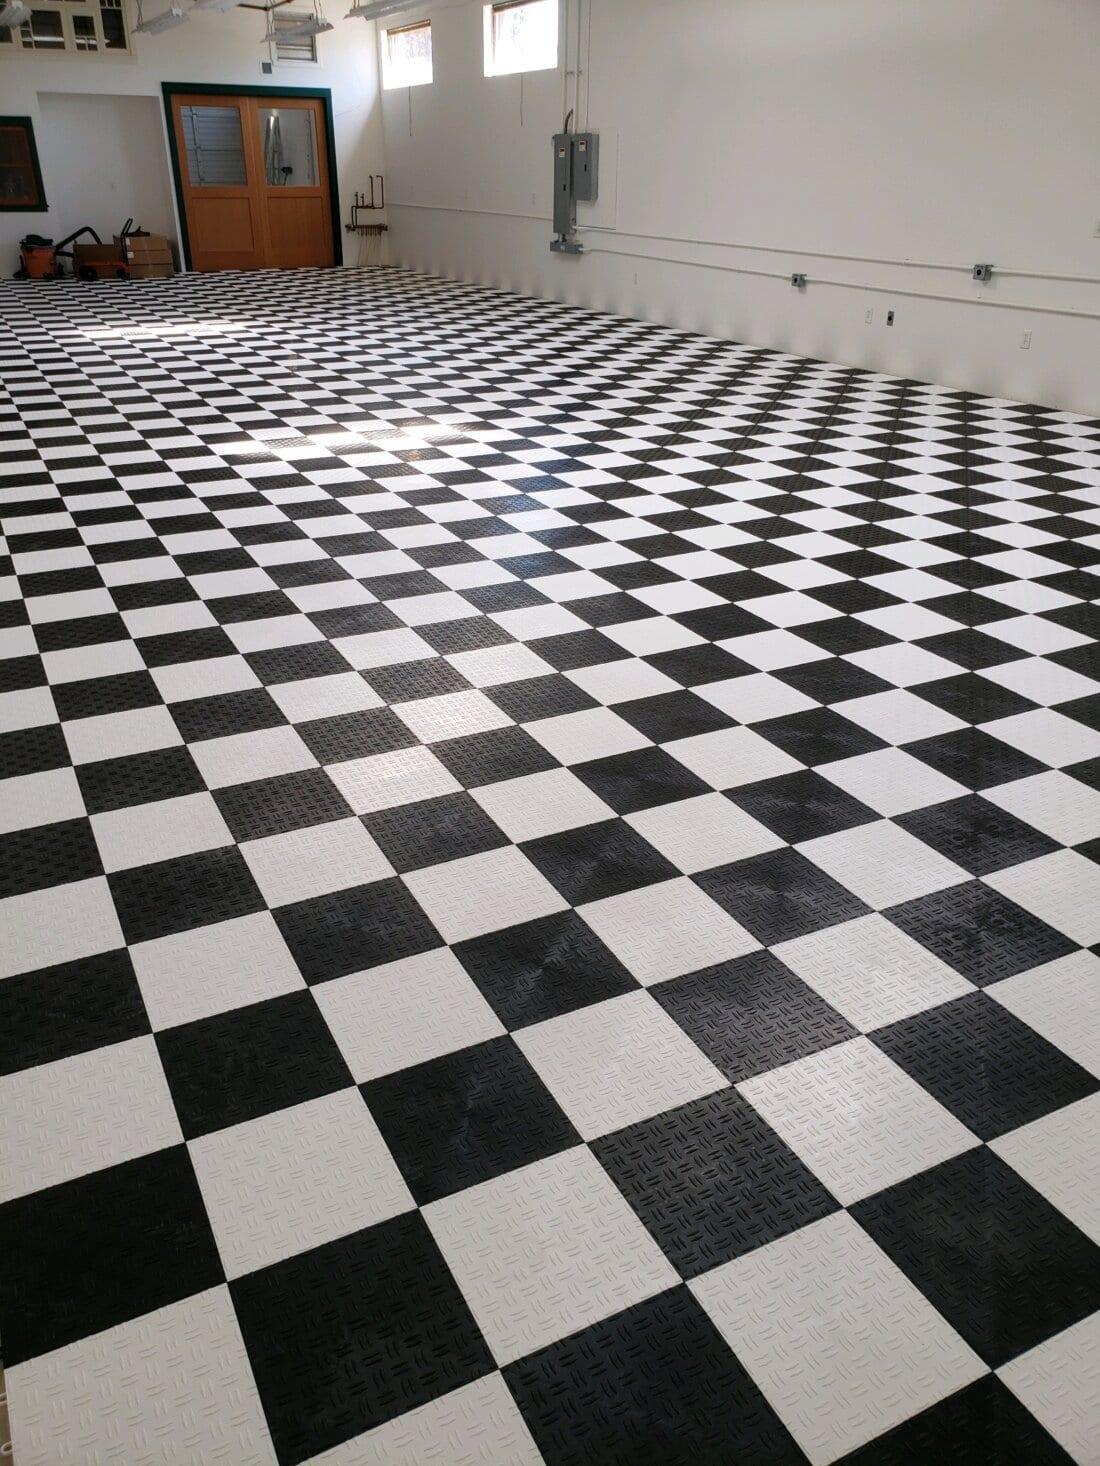 Checkerboard Tiles